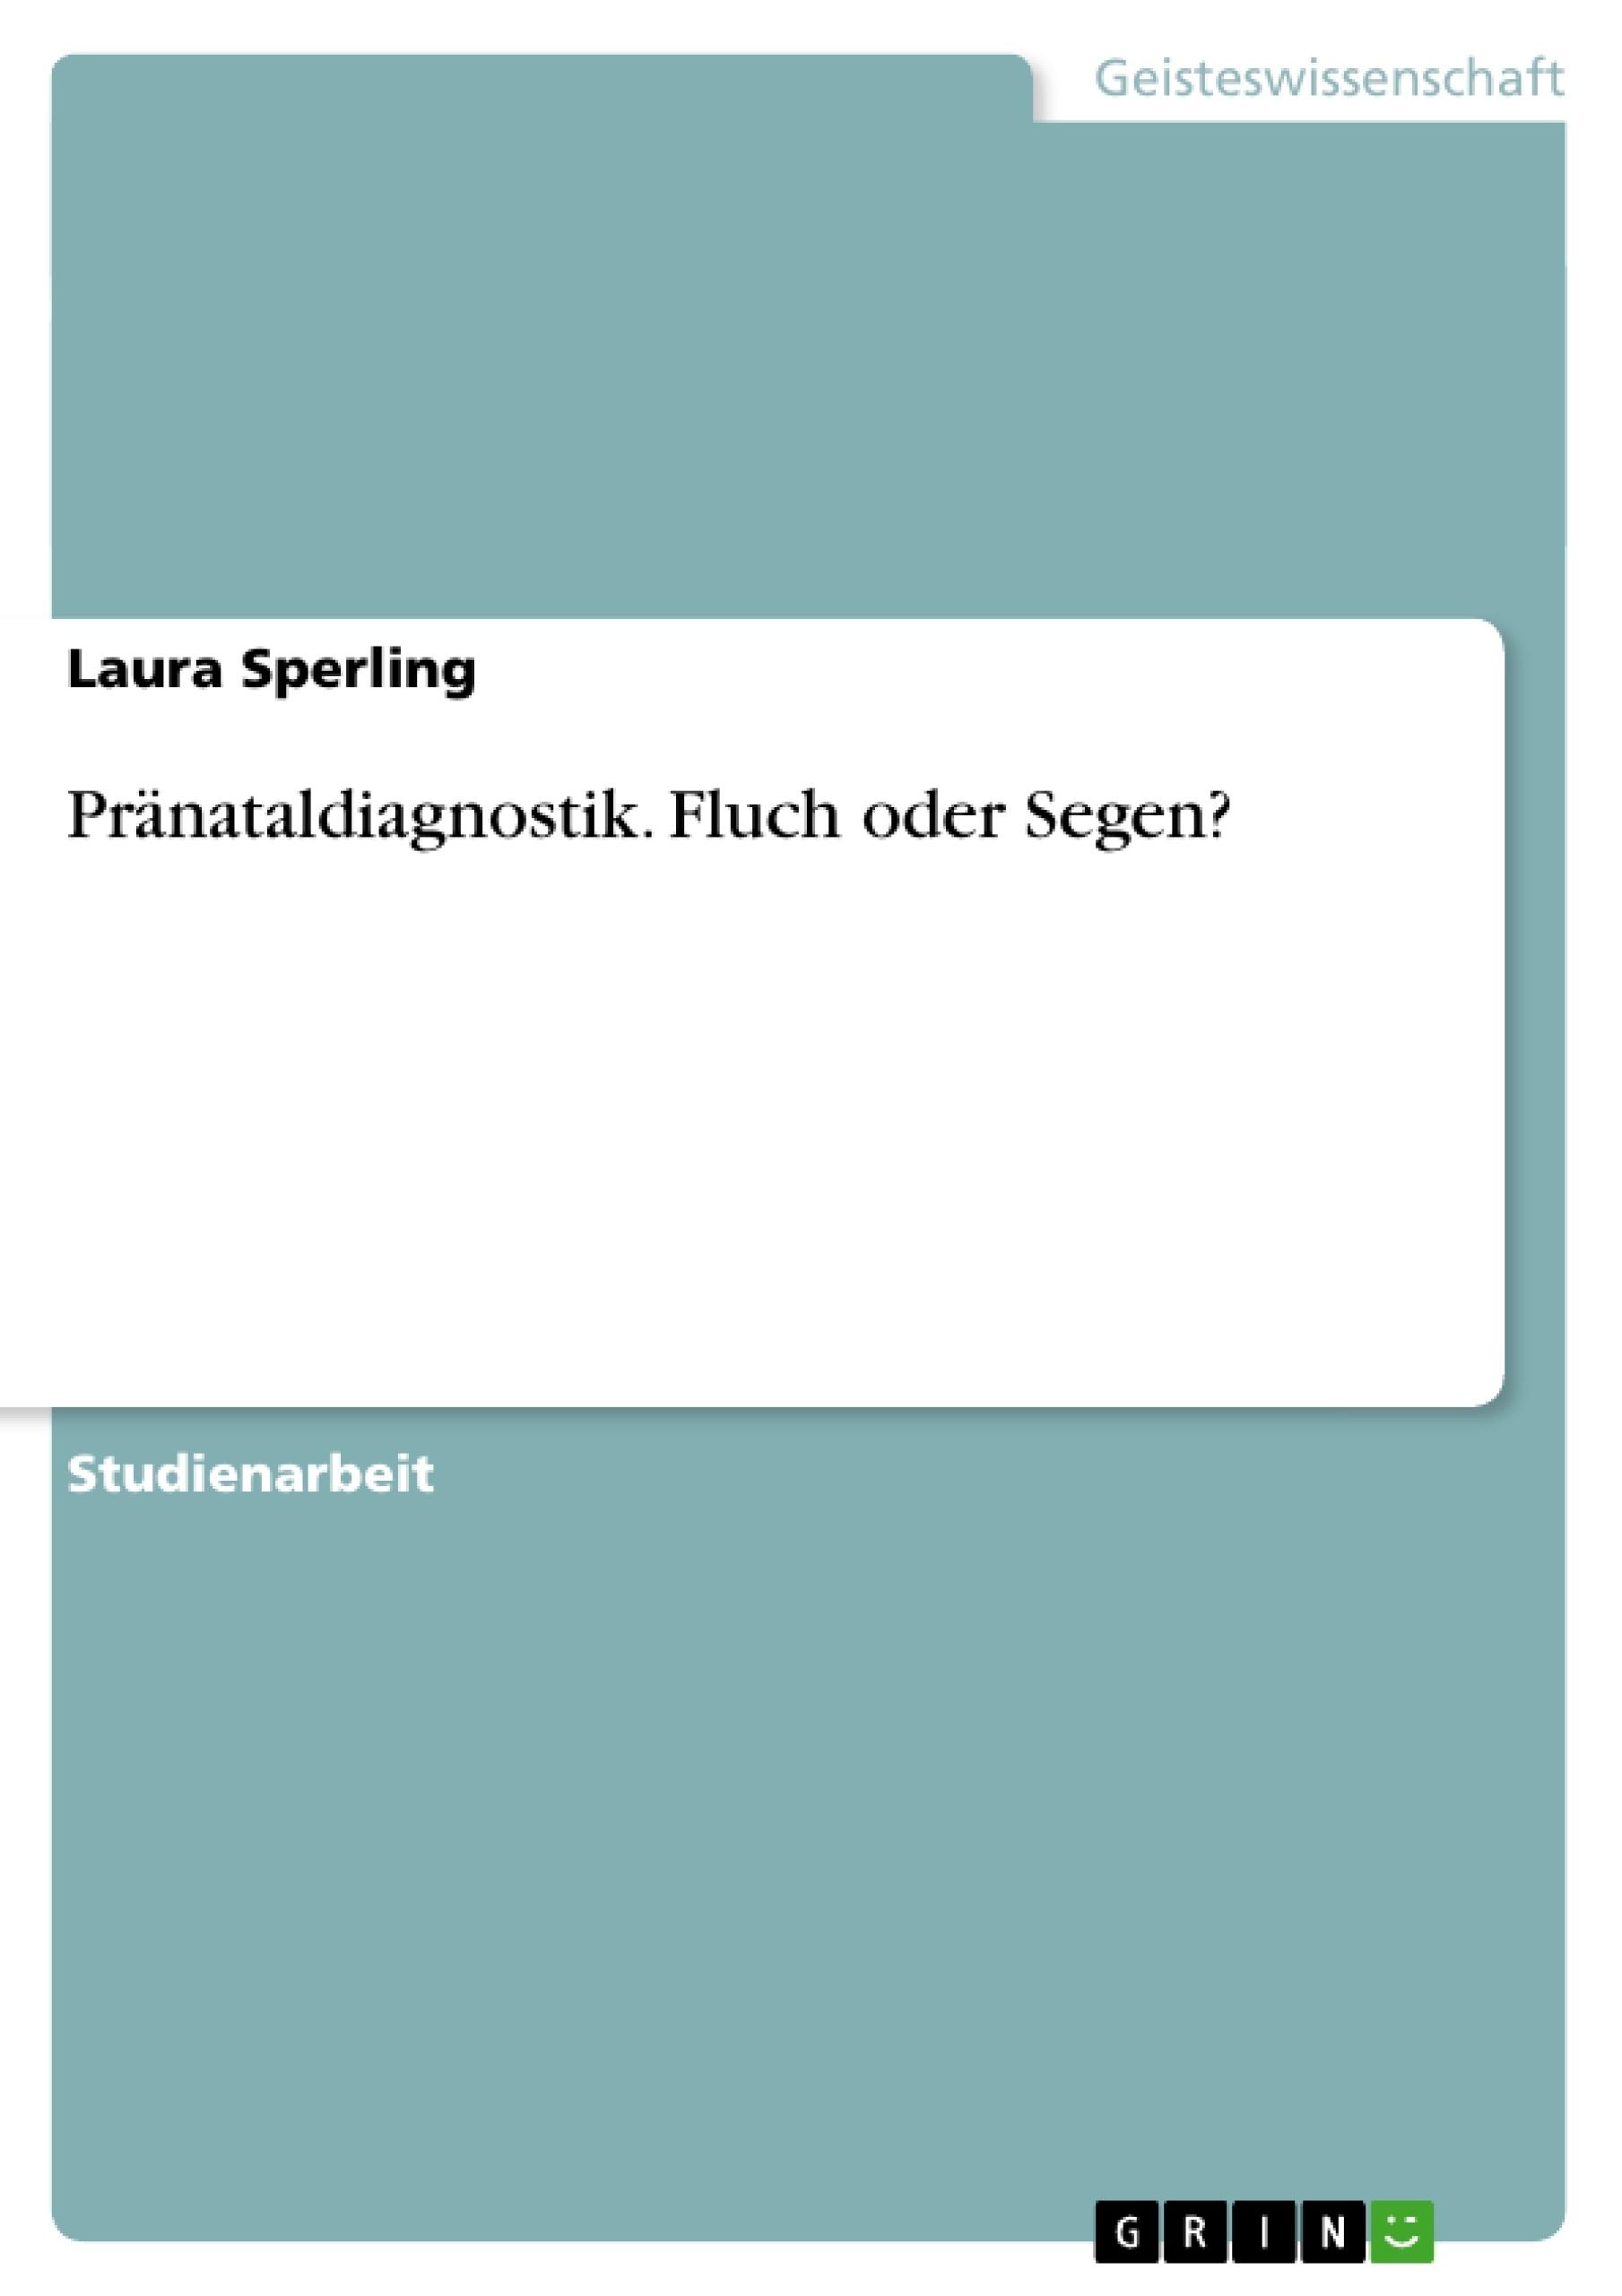 Titel: Pränataldiagnostik. Fluch oder Segen?